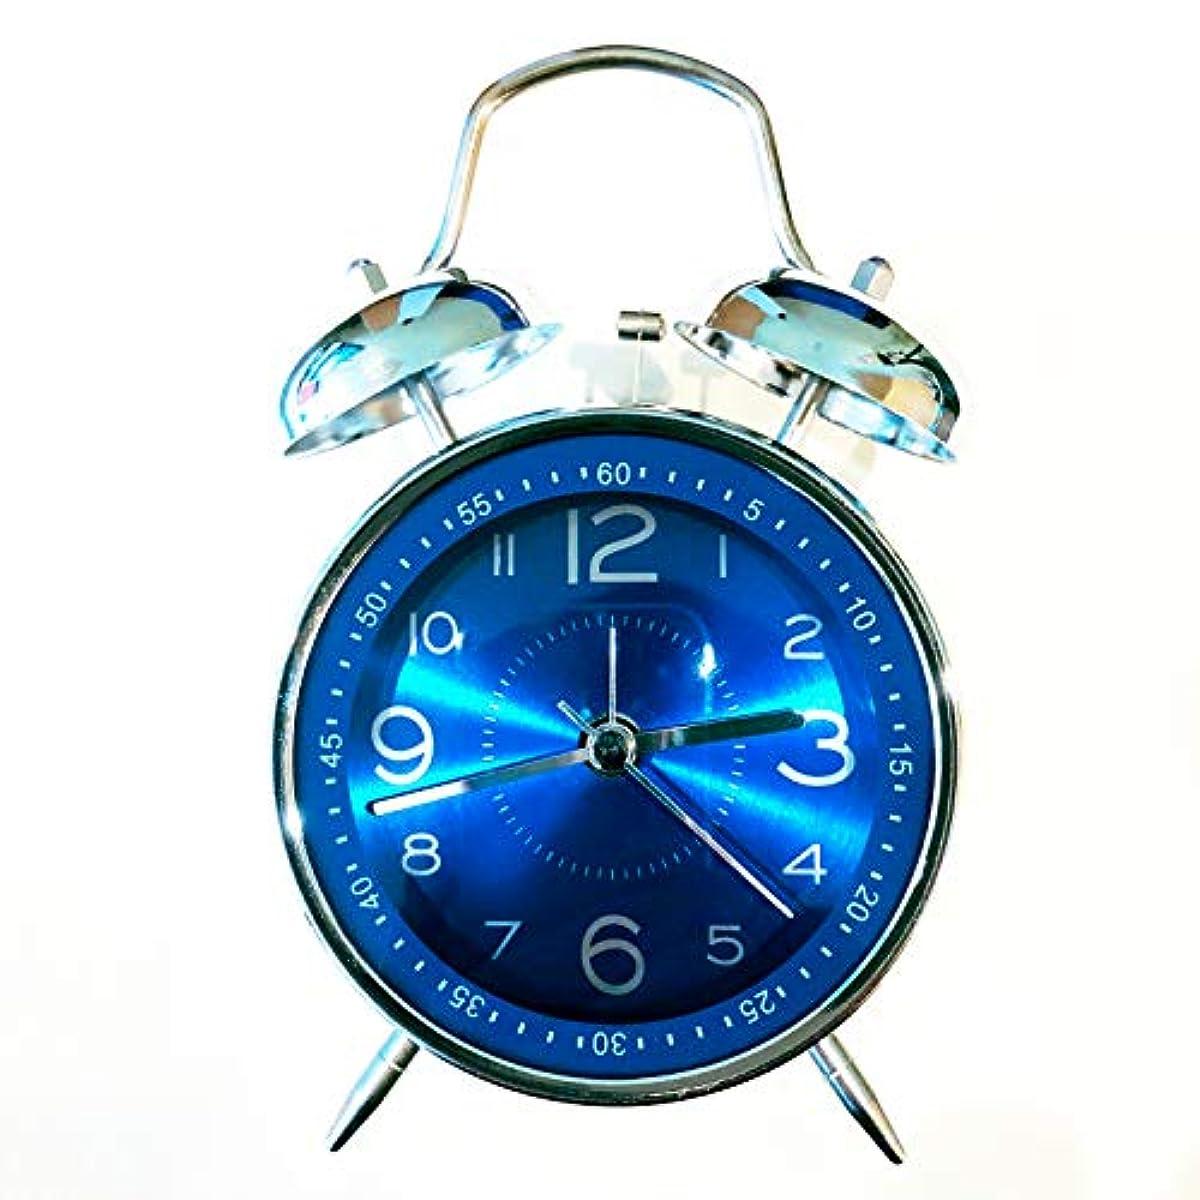 [해외] 자명종청 트윈 벨 미드센츄리century 모던 레트로 시계